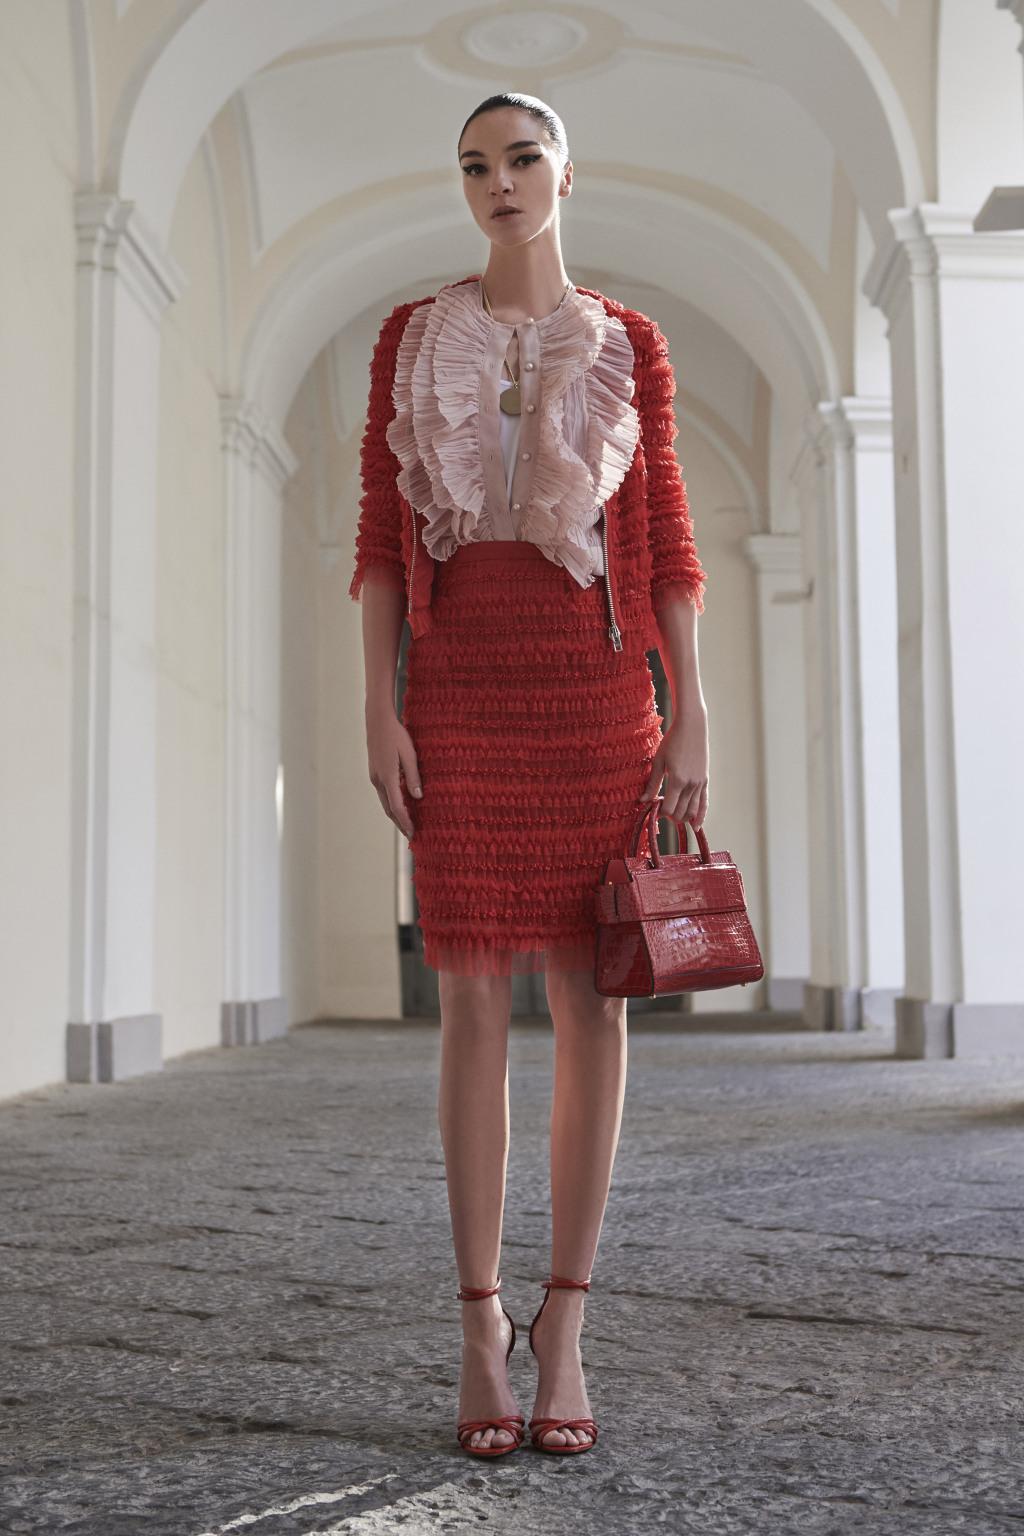 На фото: воланы на платье – модные тенденции этого сезона фото из коллекции Givenchy.